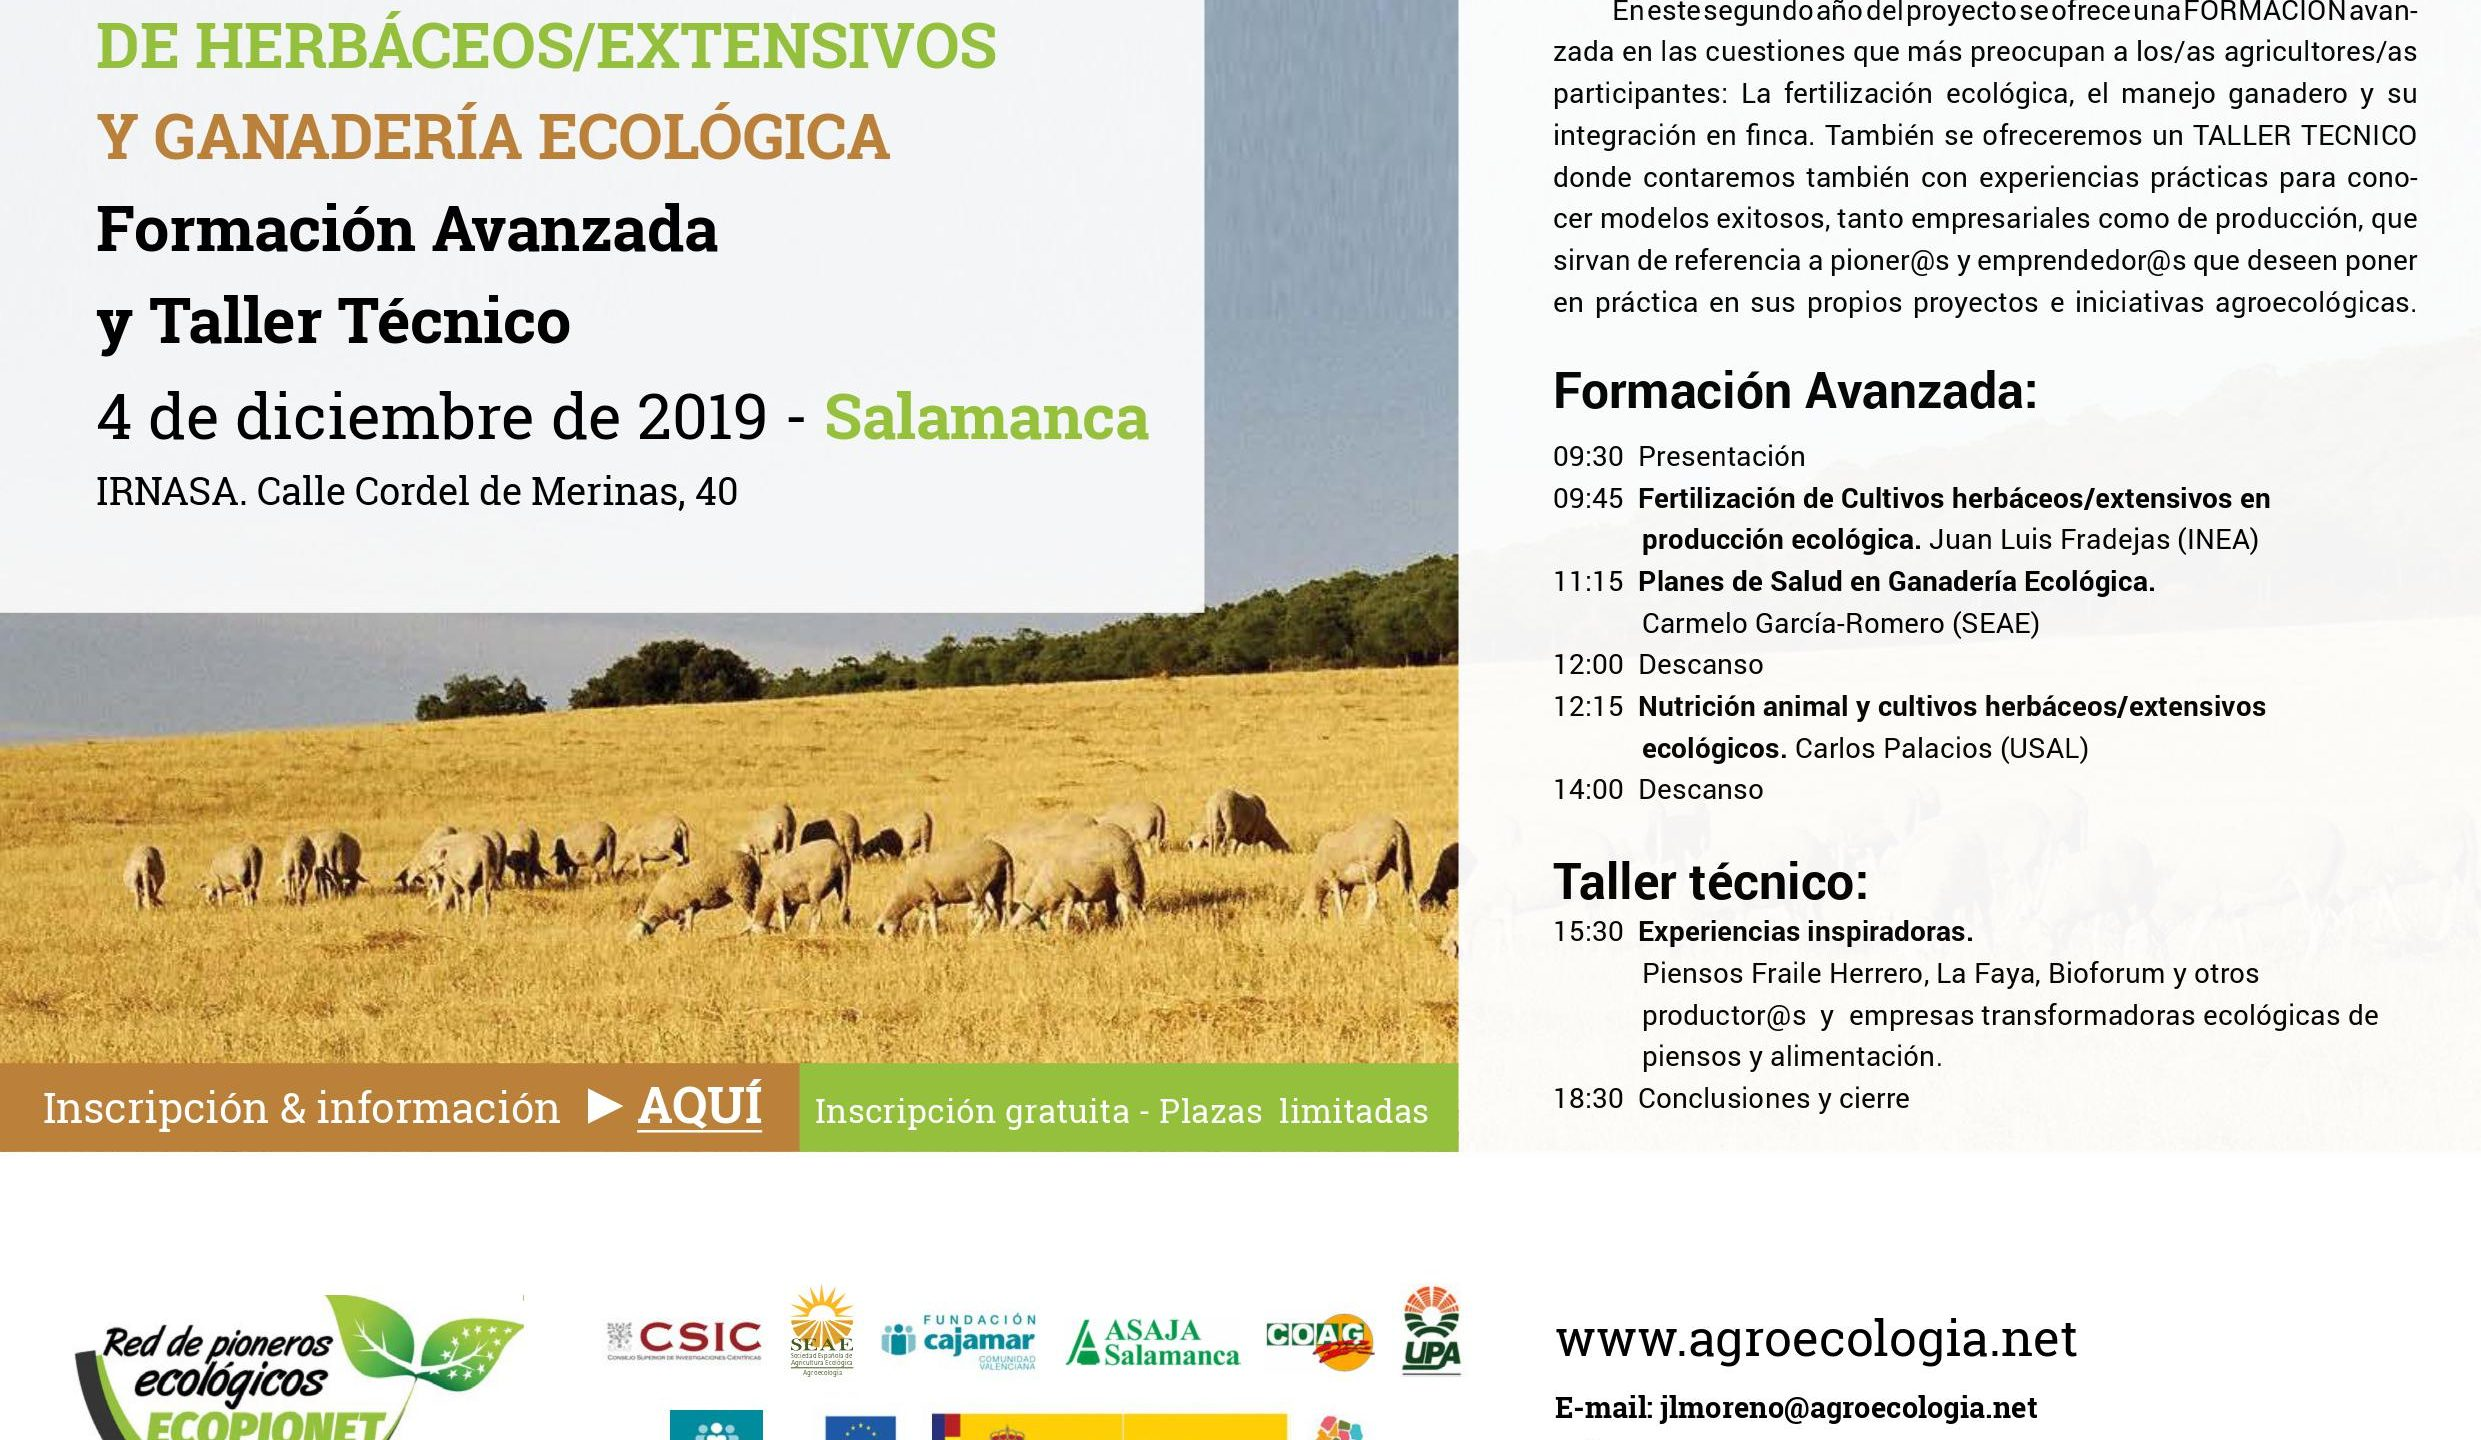 Formación Avanzada y Taller Técnico en Salamanca